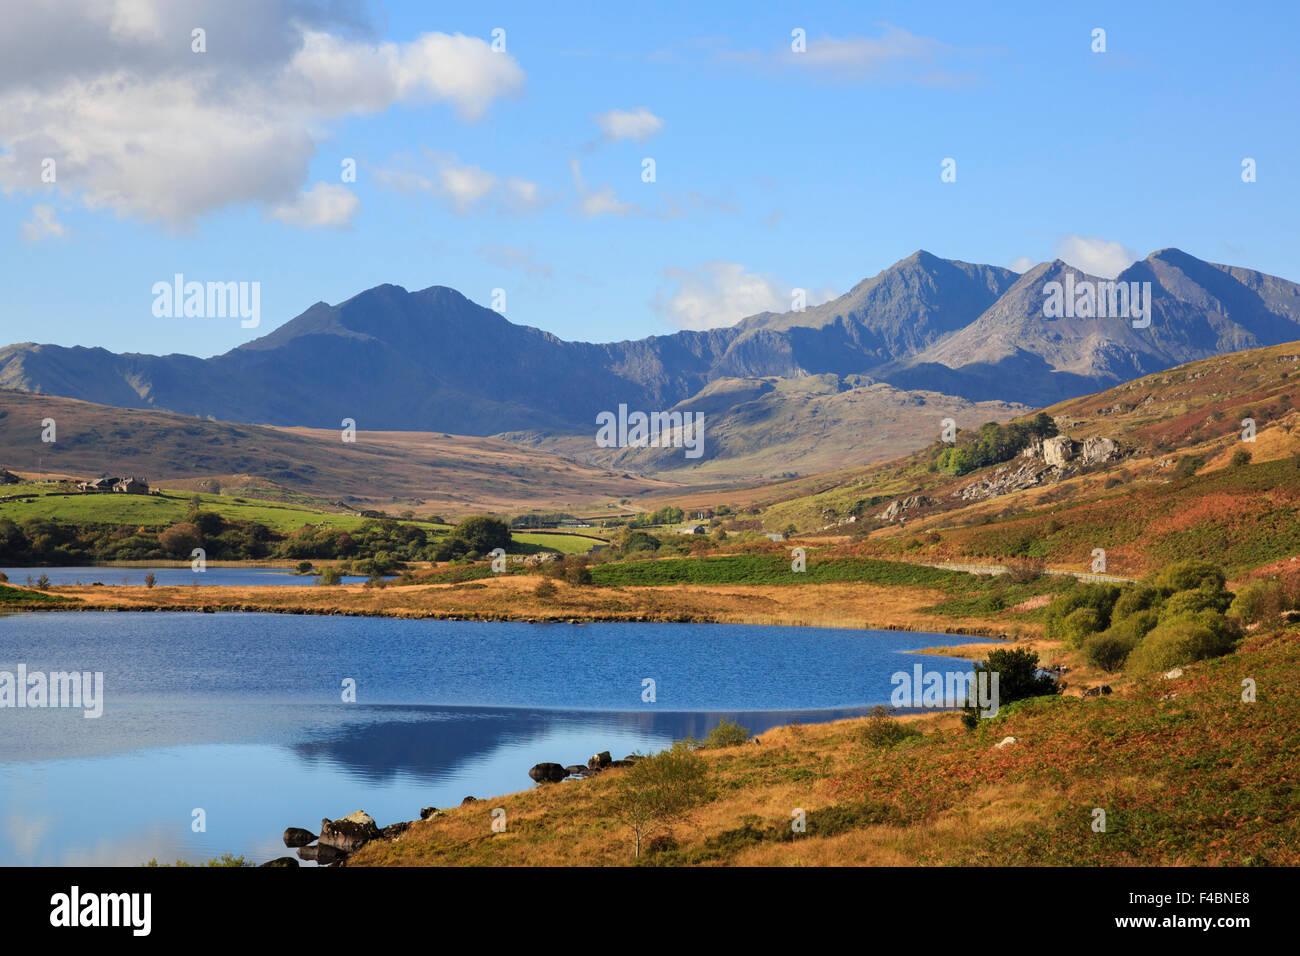 Vue de Mont Snowdon horseshoe montagnes Llynnau Mymbyr lacs dans le parc national de Snowdonia (Eryri) en automne. Photo Stock